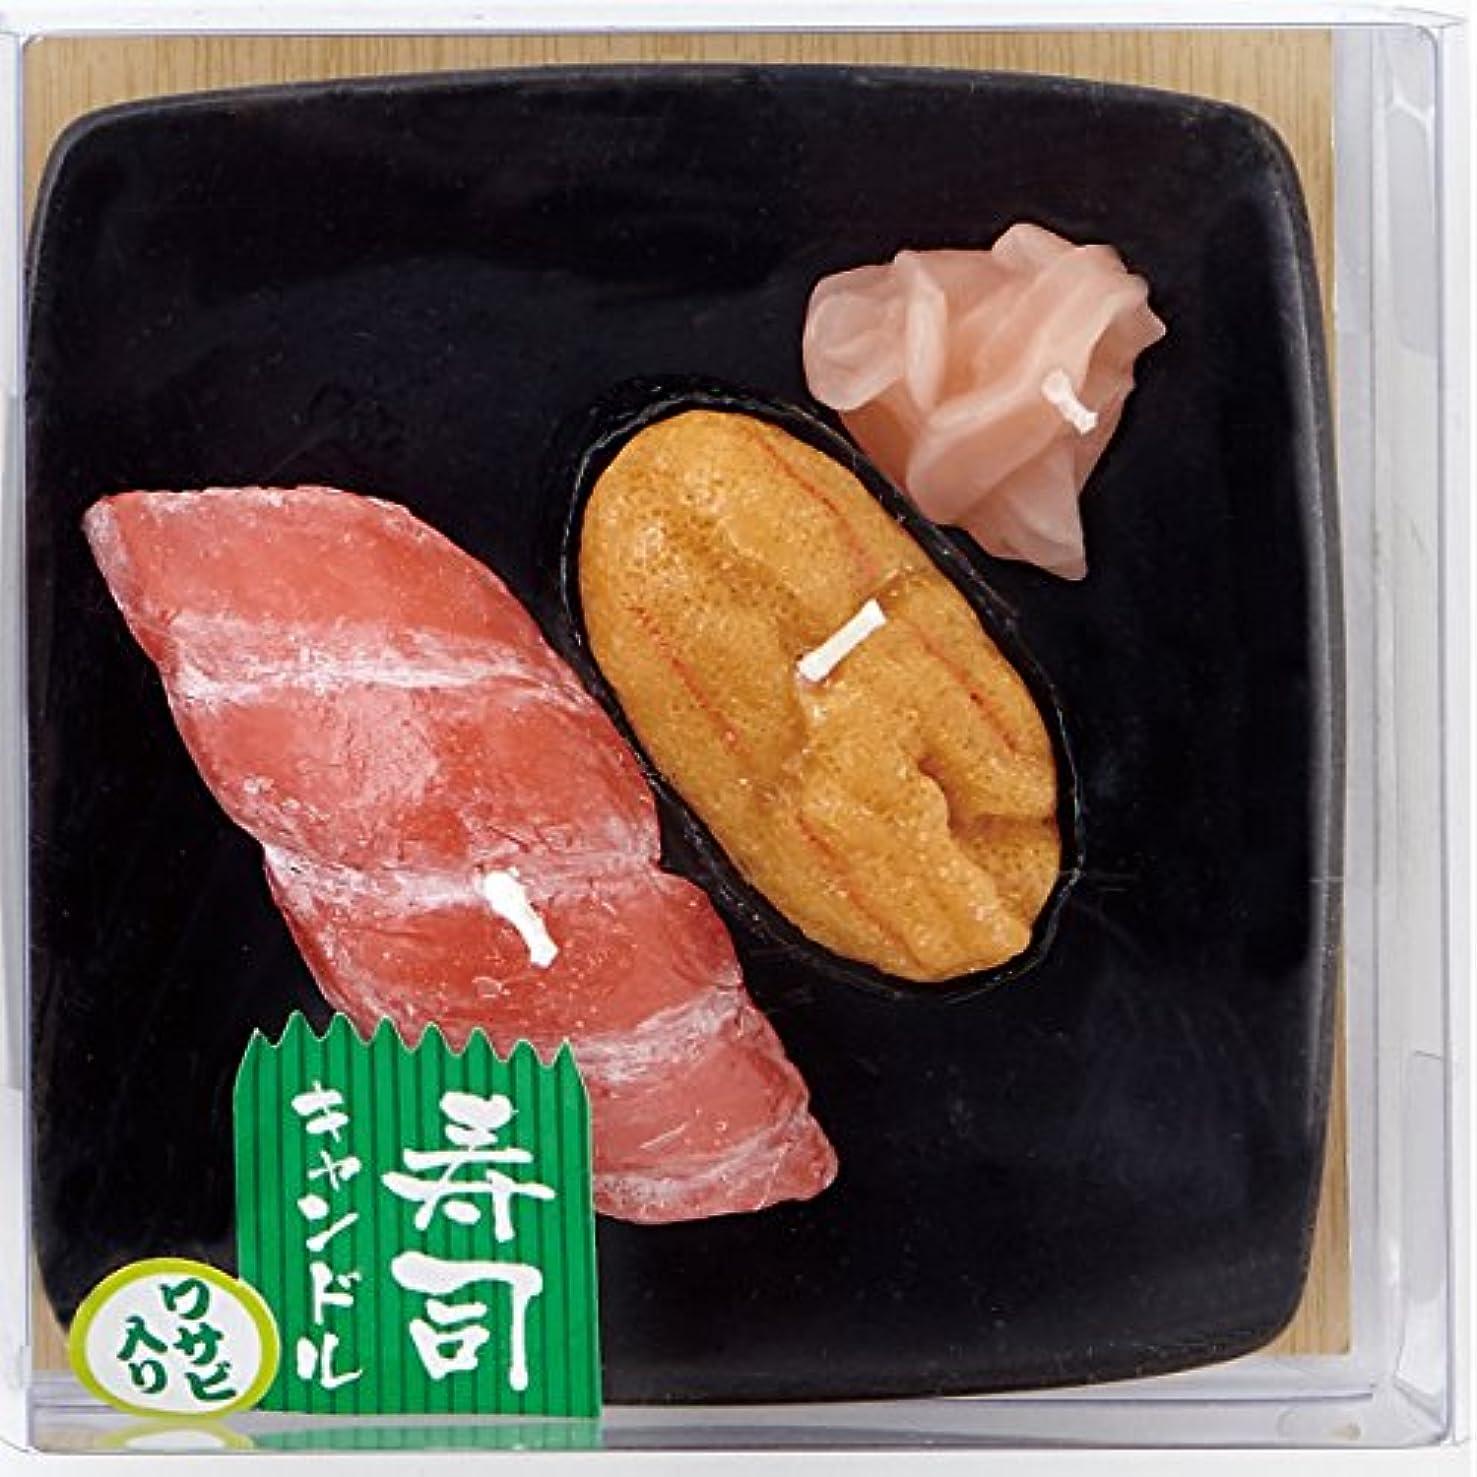 ストラトフォードオンエイボン大事にする森寿司キャンドル C(ウニ?大トロ) サビ入